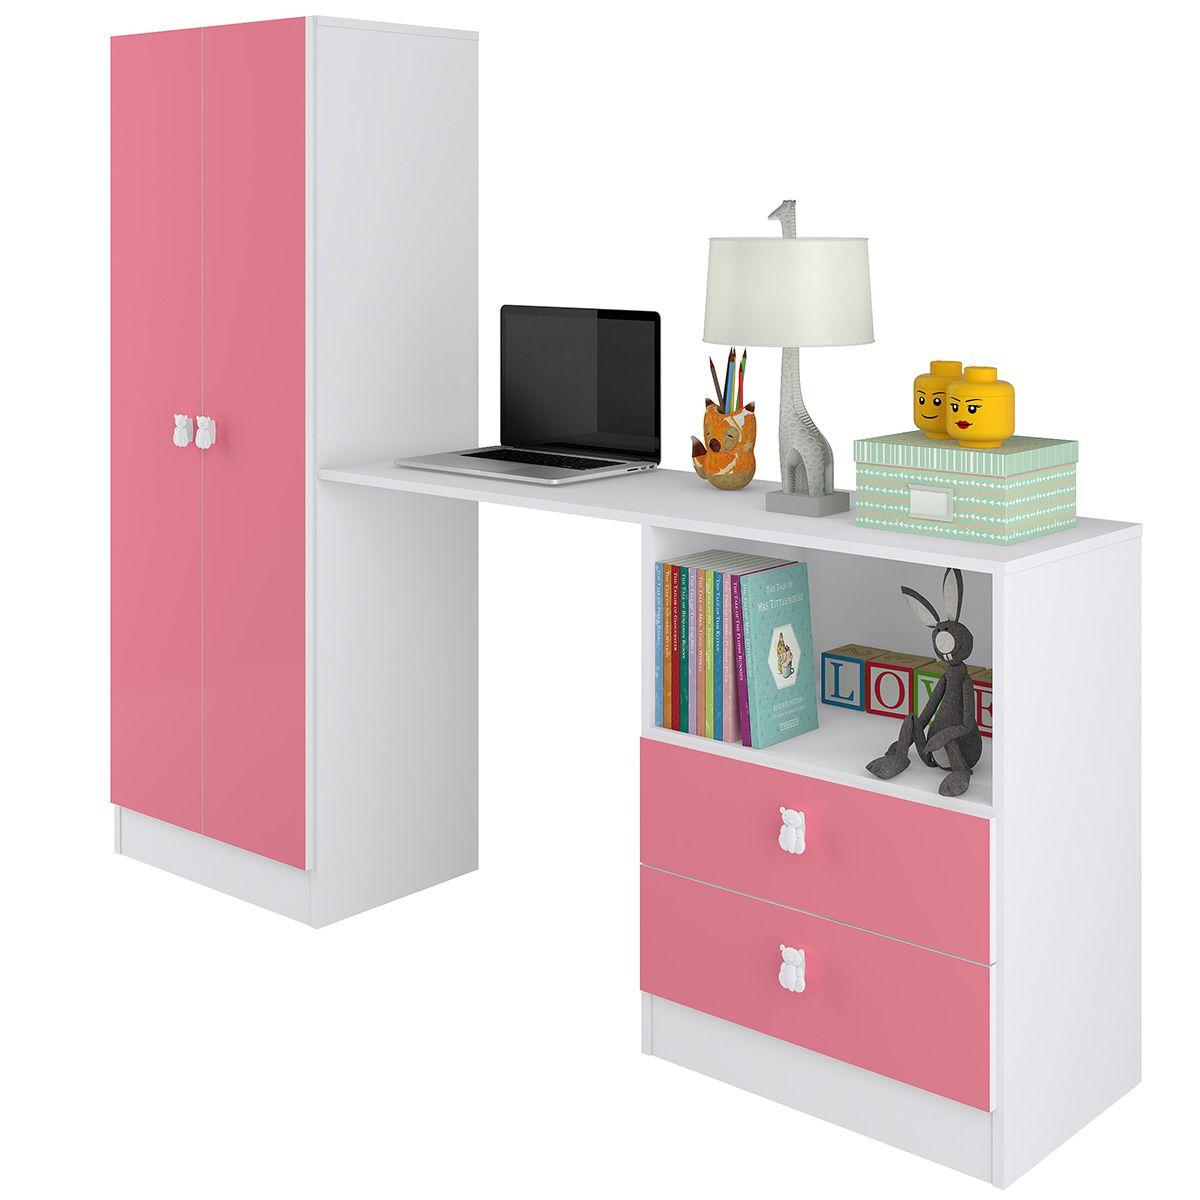 Roupeiro Multifuncional Meu Fofinho 02 Portas 02 Gavetas Rosa - Art In Móveis